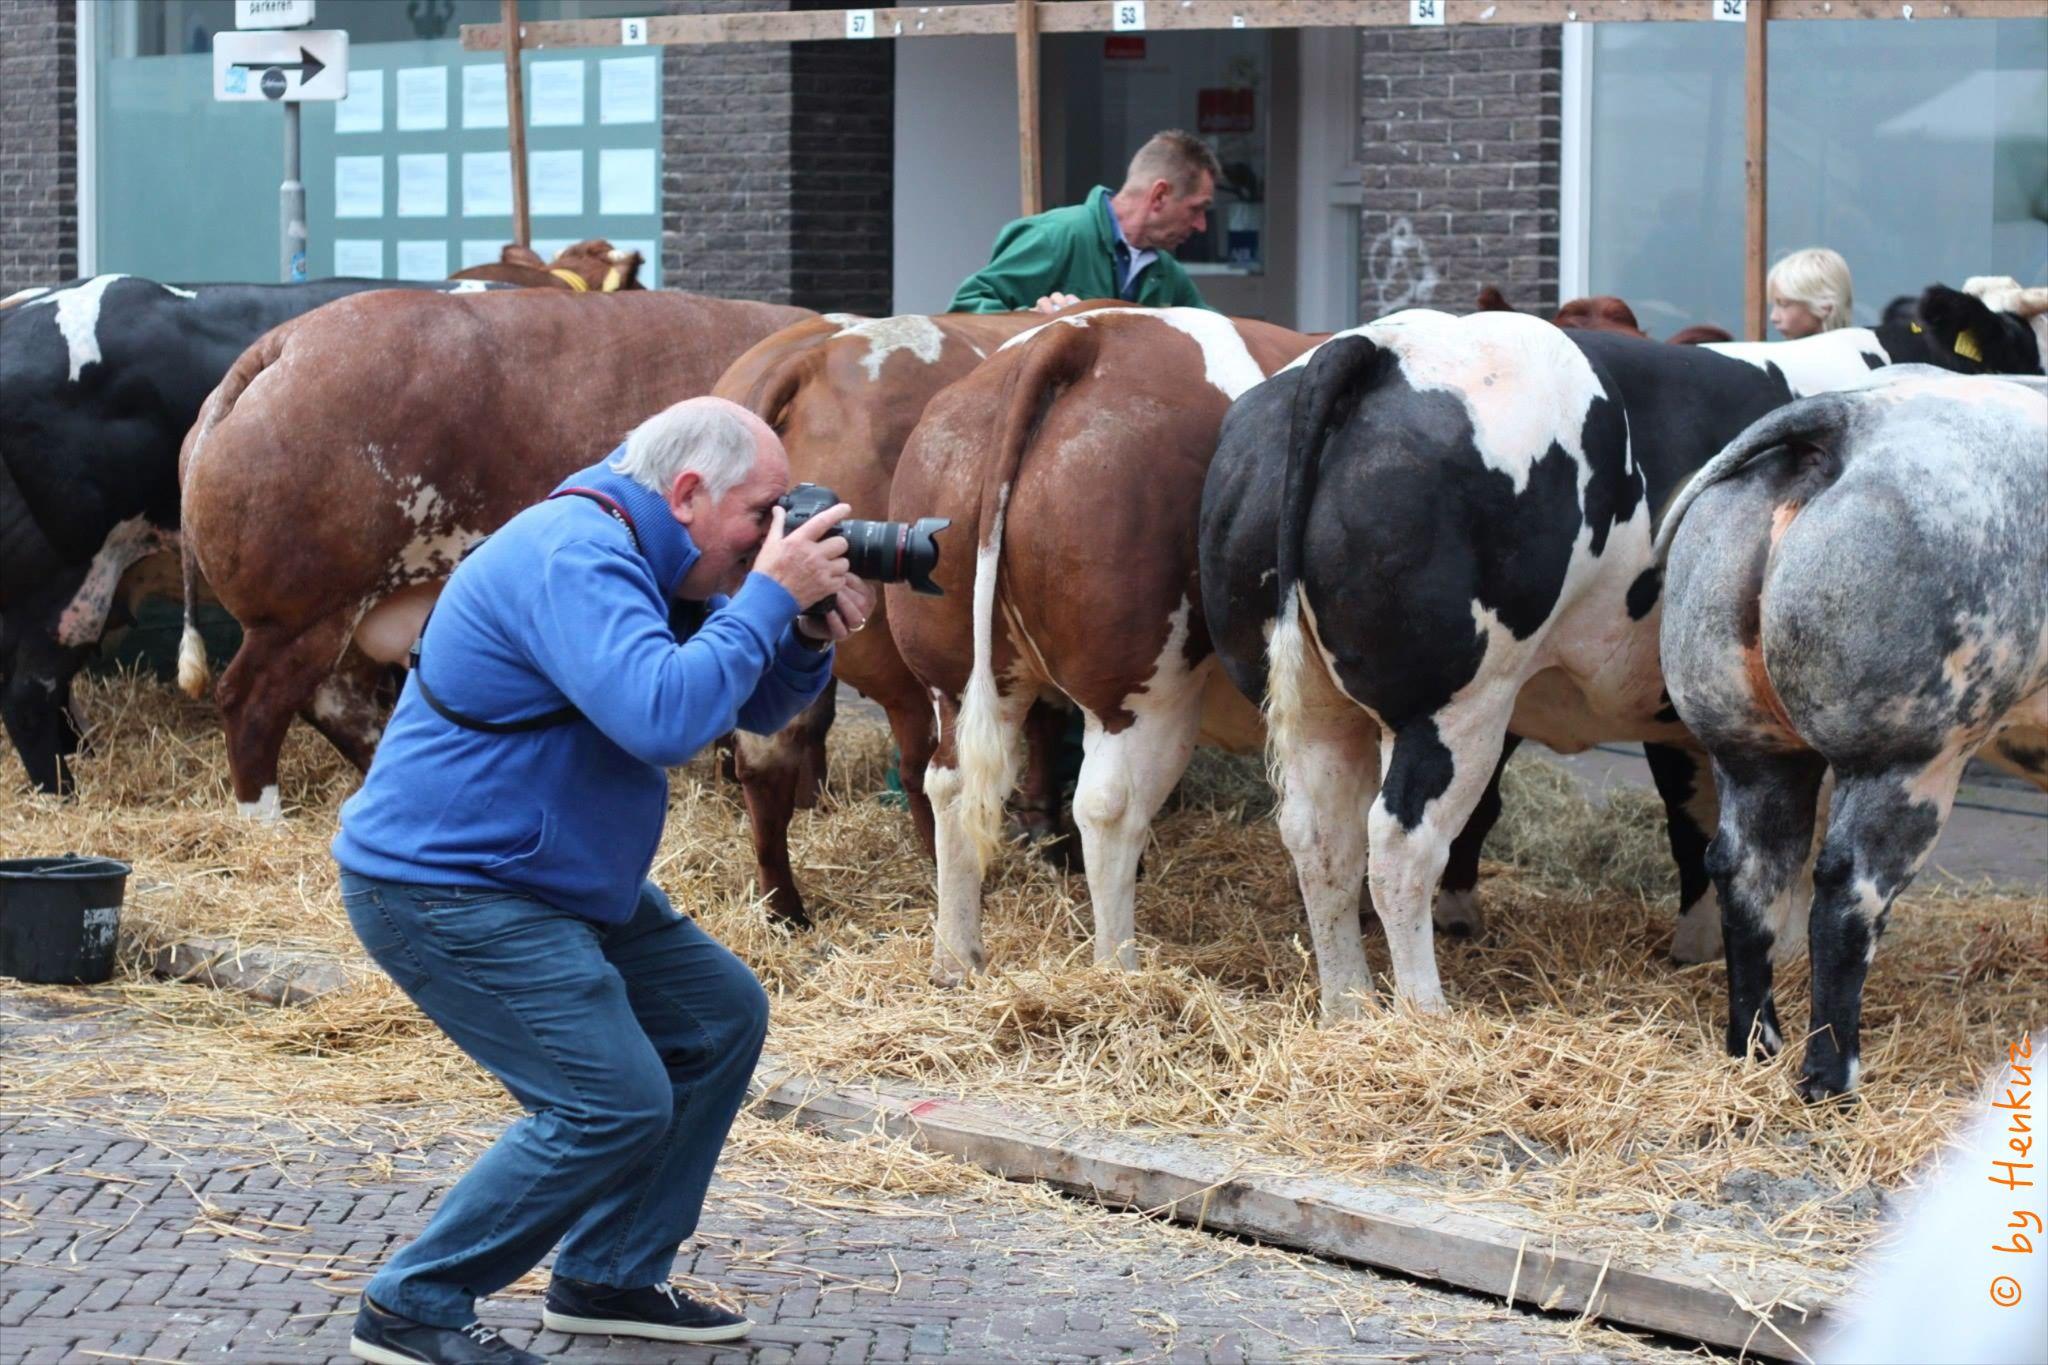 Shooting beef by Henk de Groot